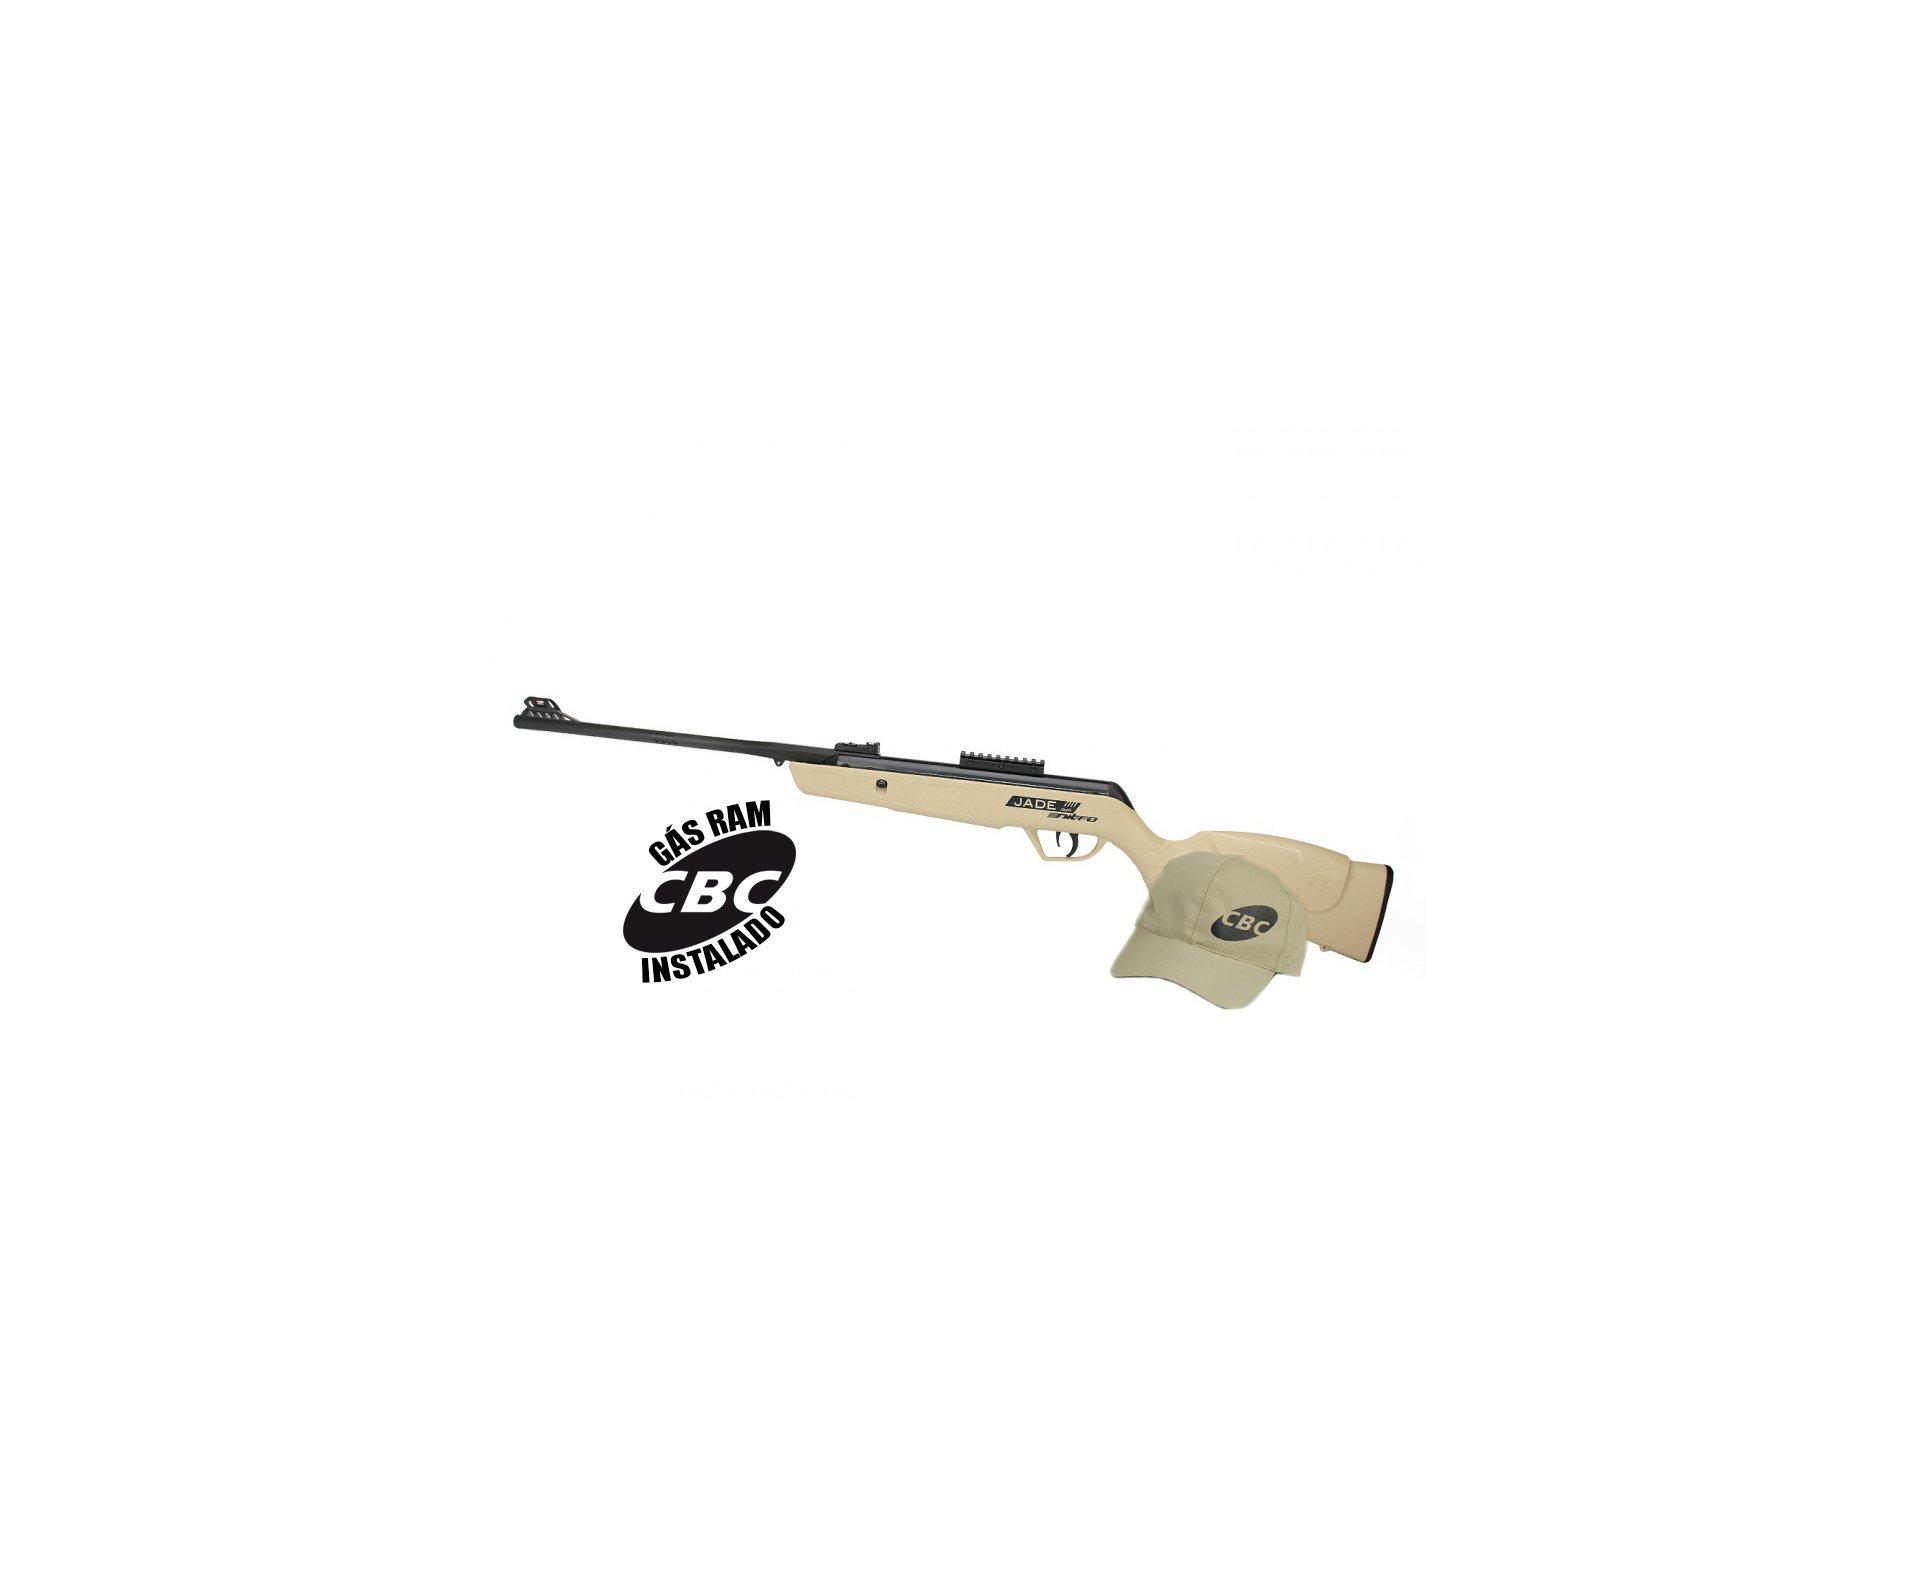 Carabina De Pressão Cbc Jade Mais Nitro Desert 4,5mm